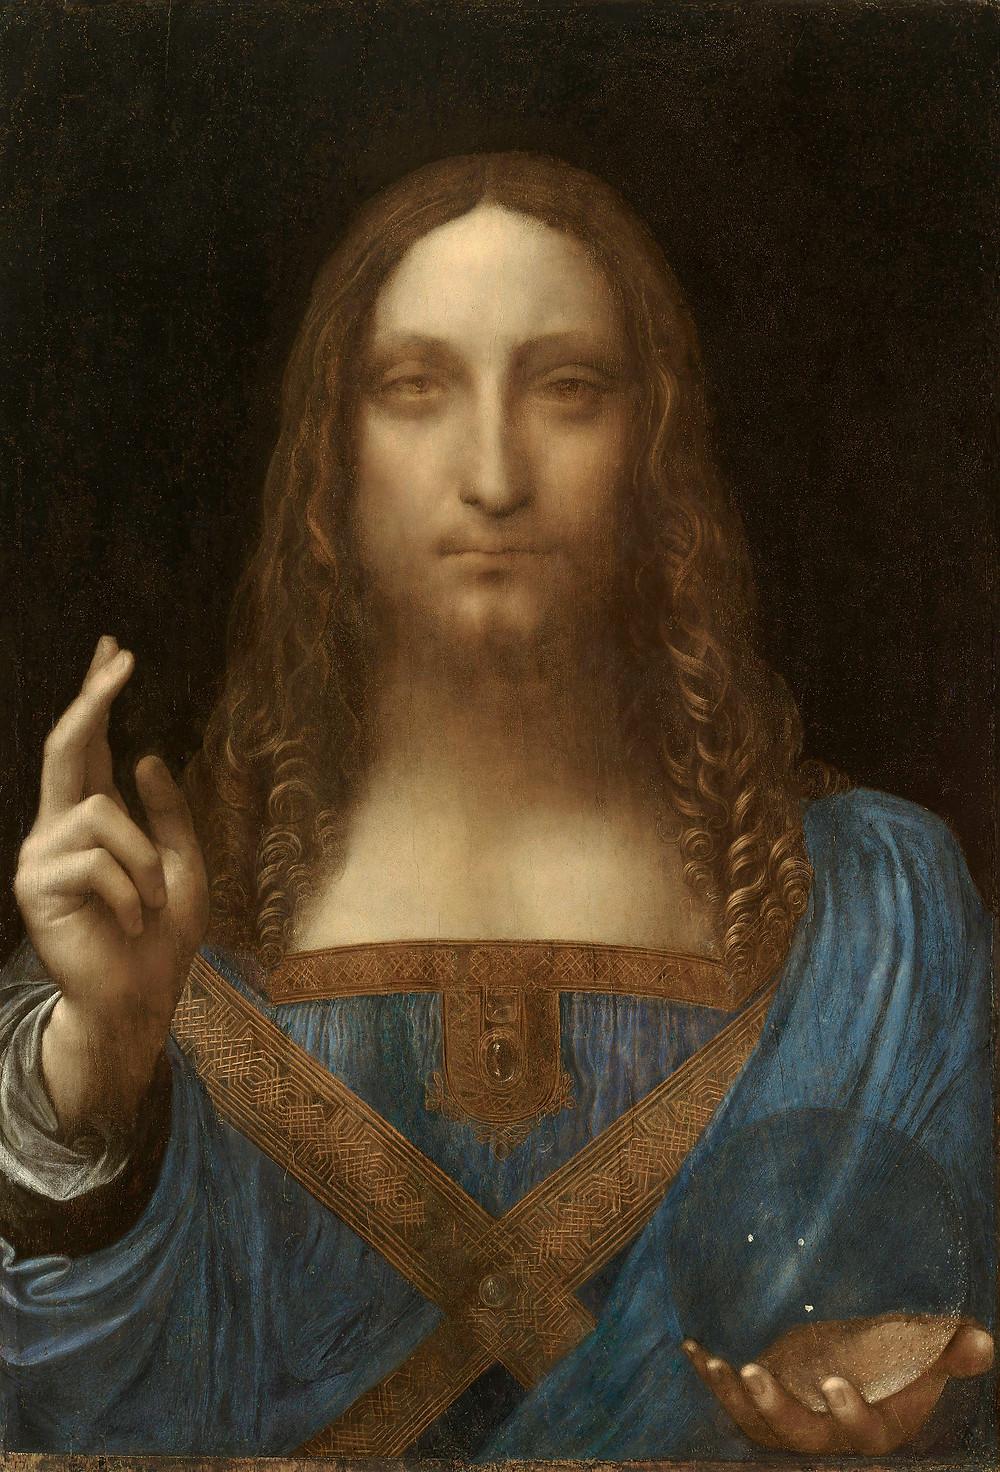 Da Vinci, Leonardo di ser Piero